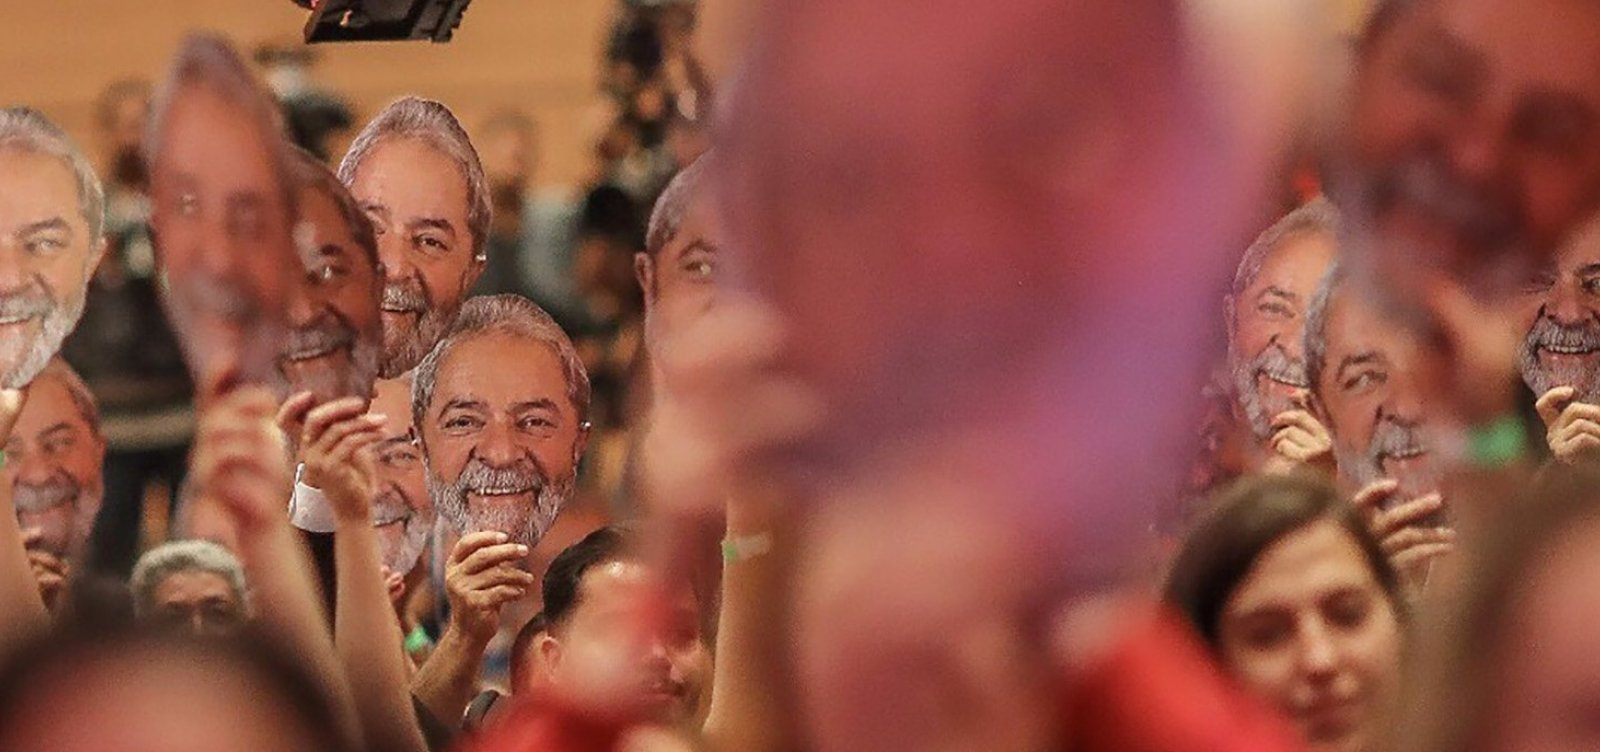 [Lula rejeitou acordo para desistir de candidatura e ser solto, diz Haddad ]